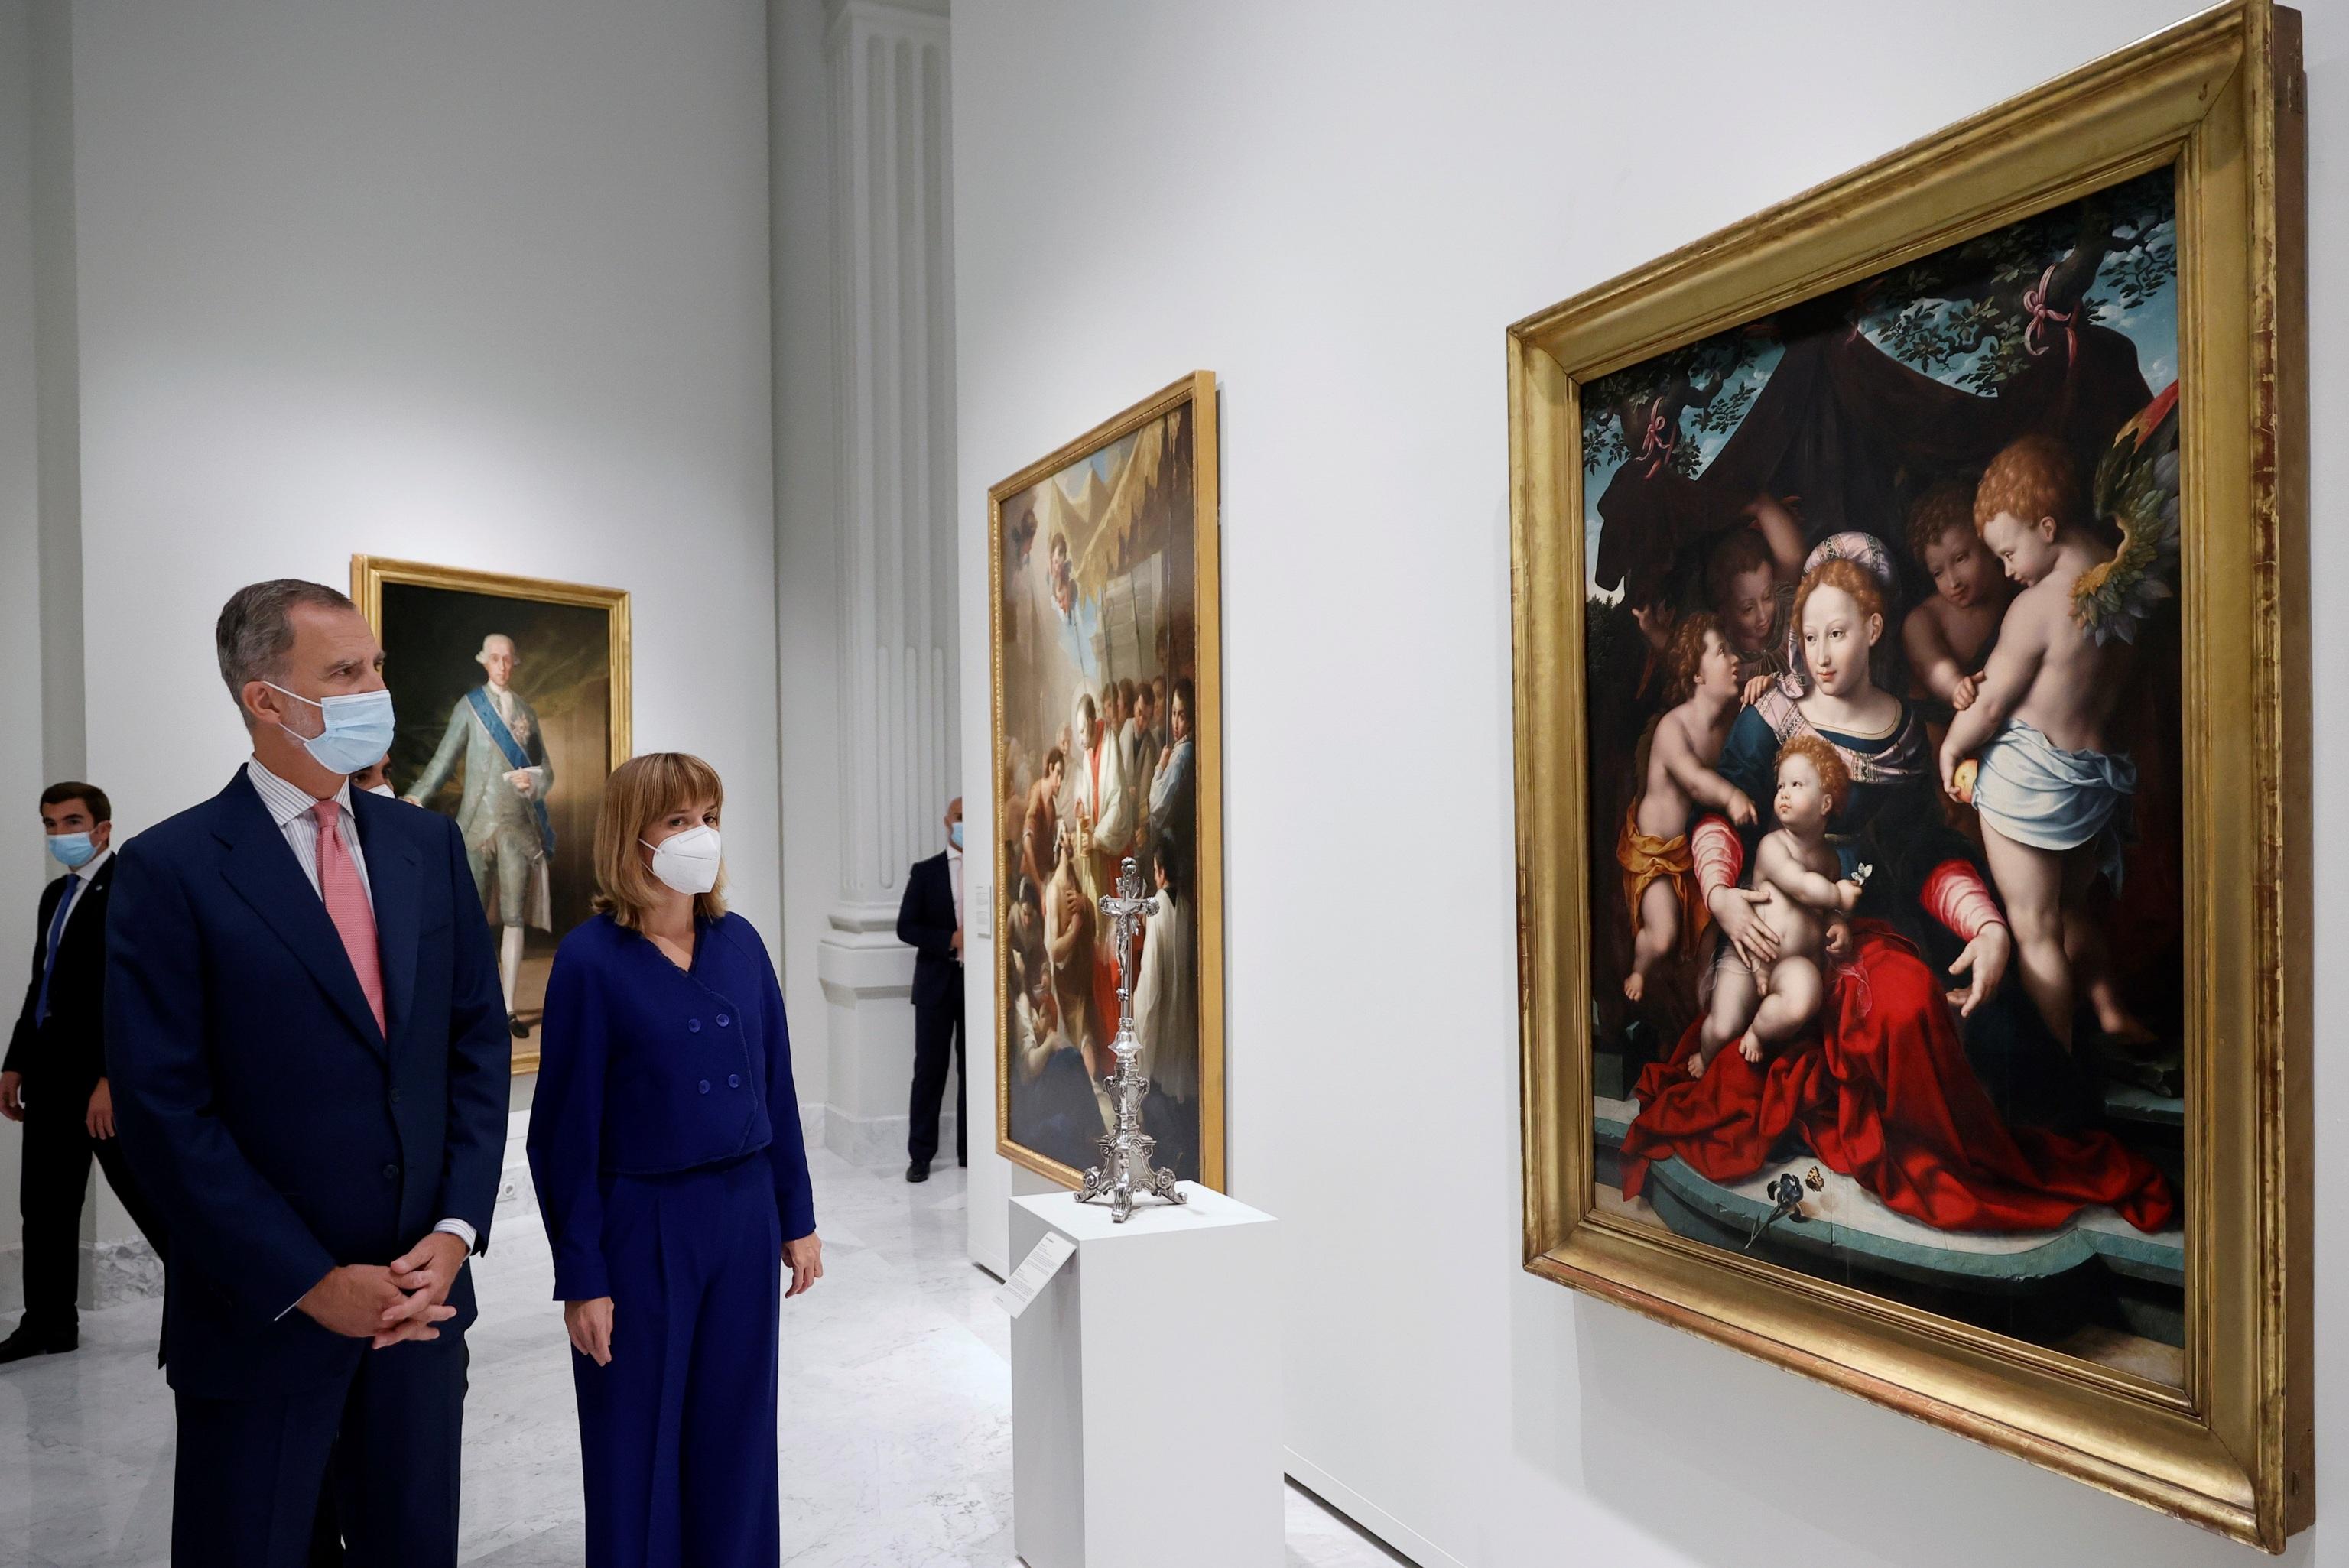 Felipe VI y Pilar Alegría observan la obra Virgen del Lirio (1560).